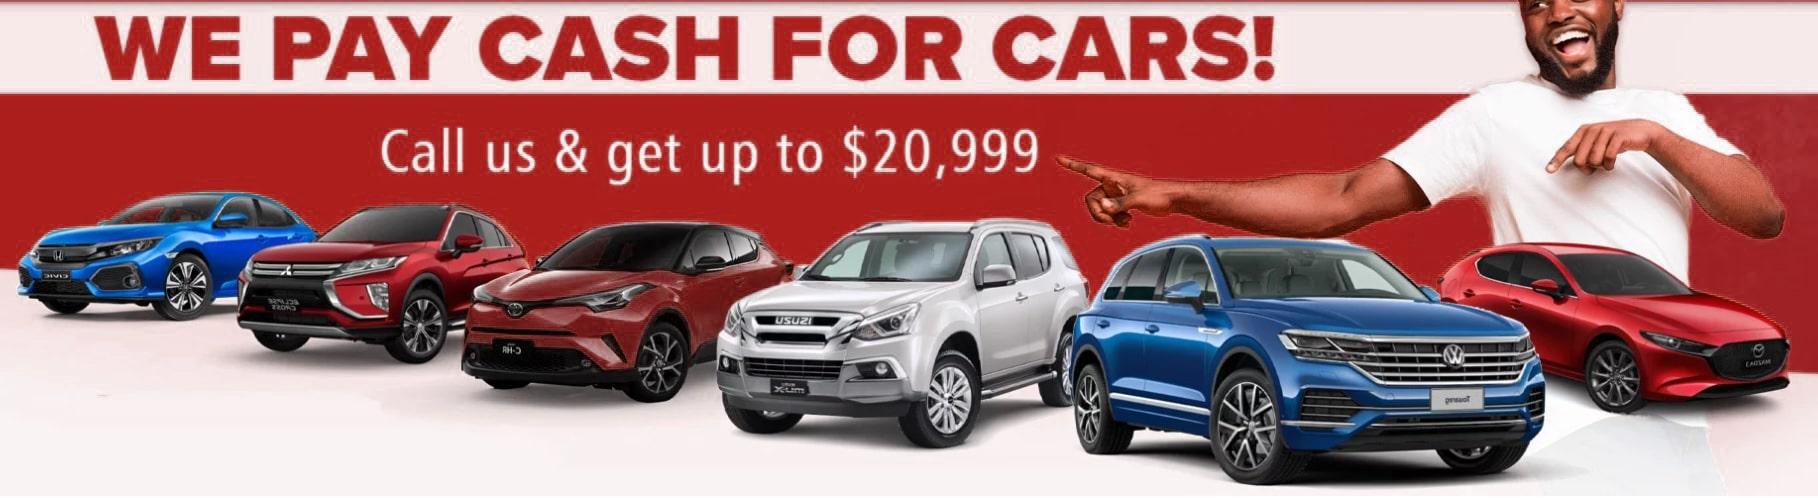 Cash for Cars Merricks